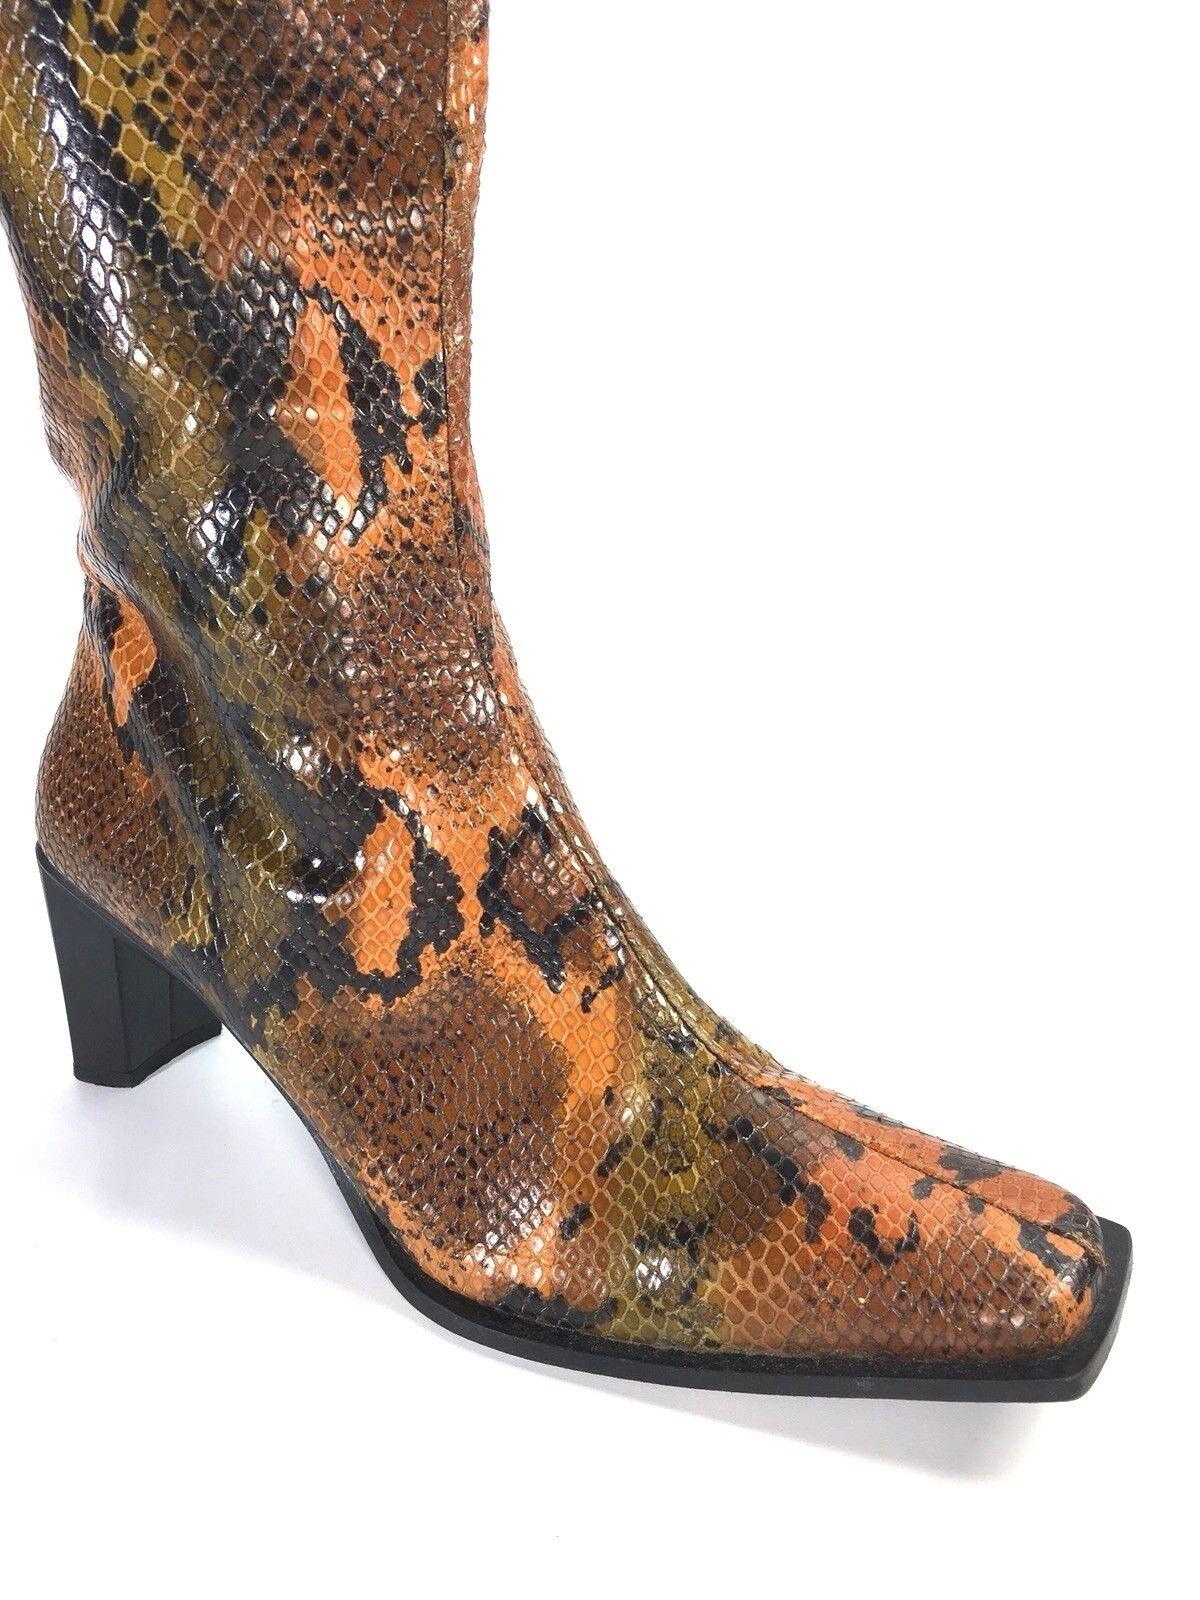 Cordani Cordani Cordani orange Snakeskin Mid Calf Boot Size 9 Made in  Runs Small 7.5 or 8 3b0a13